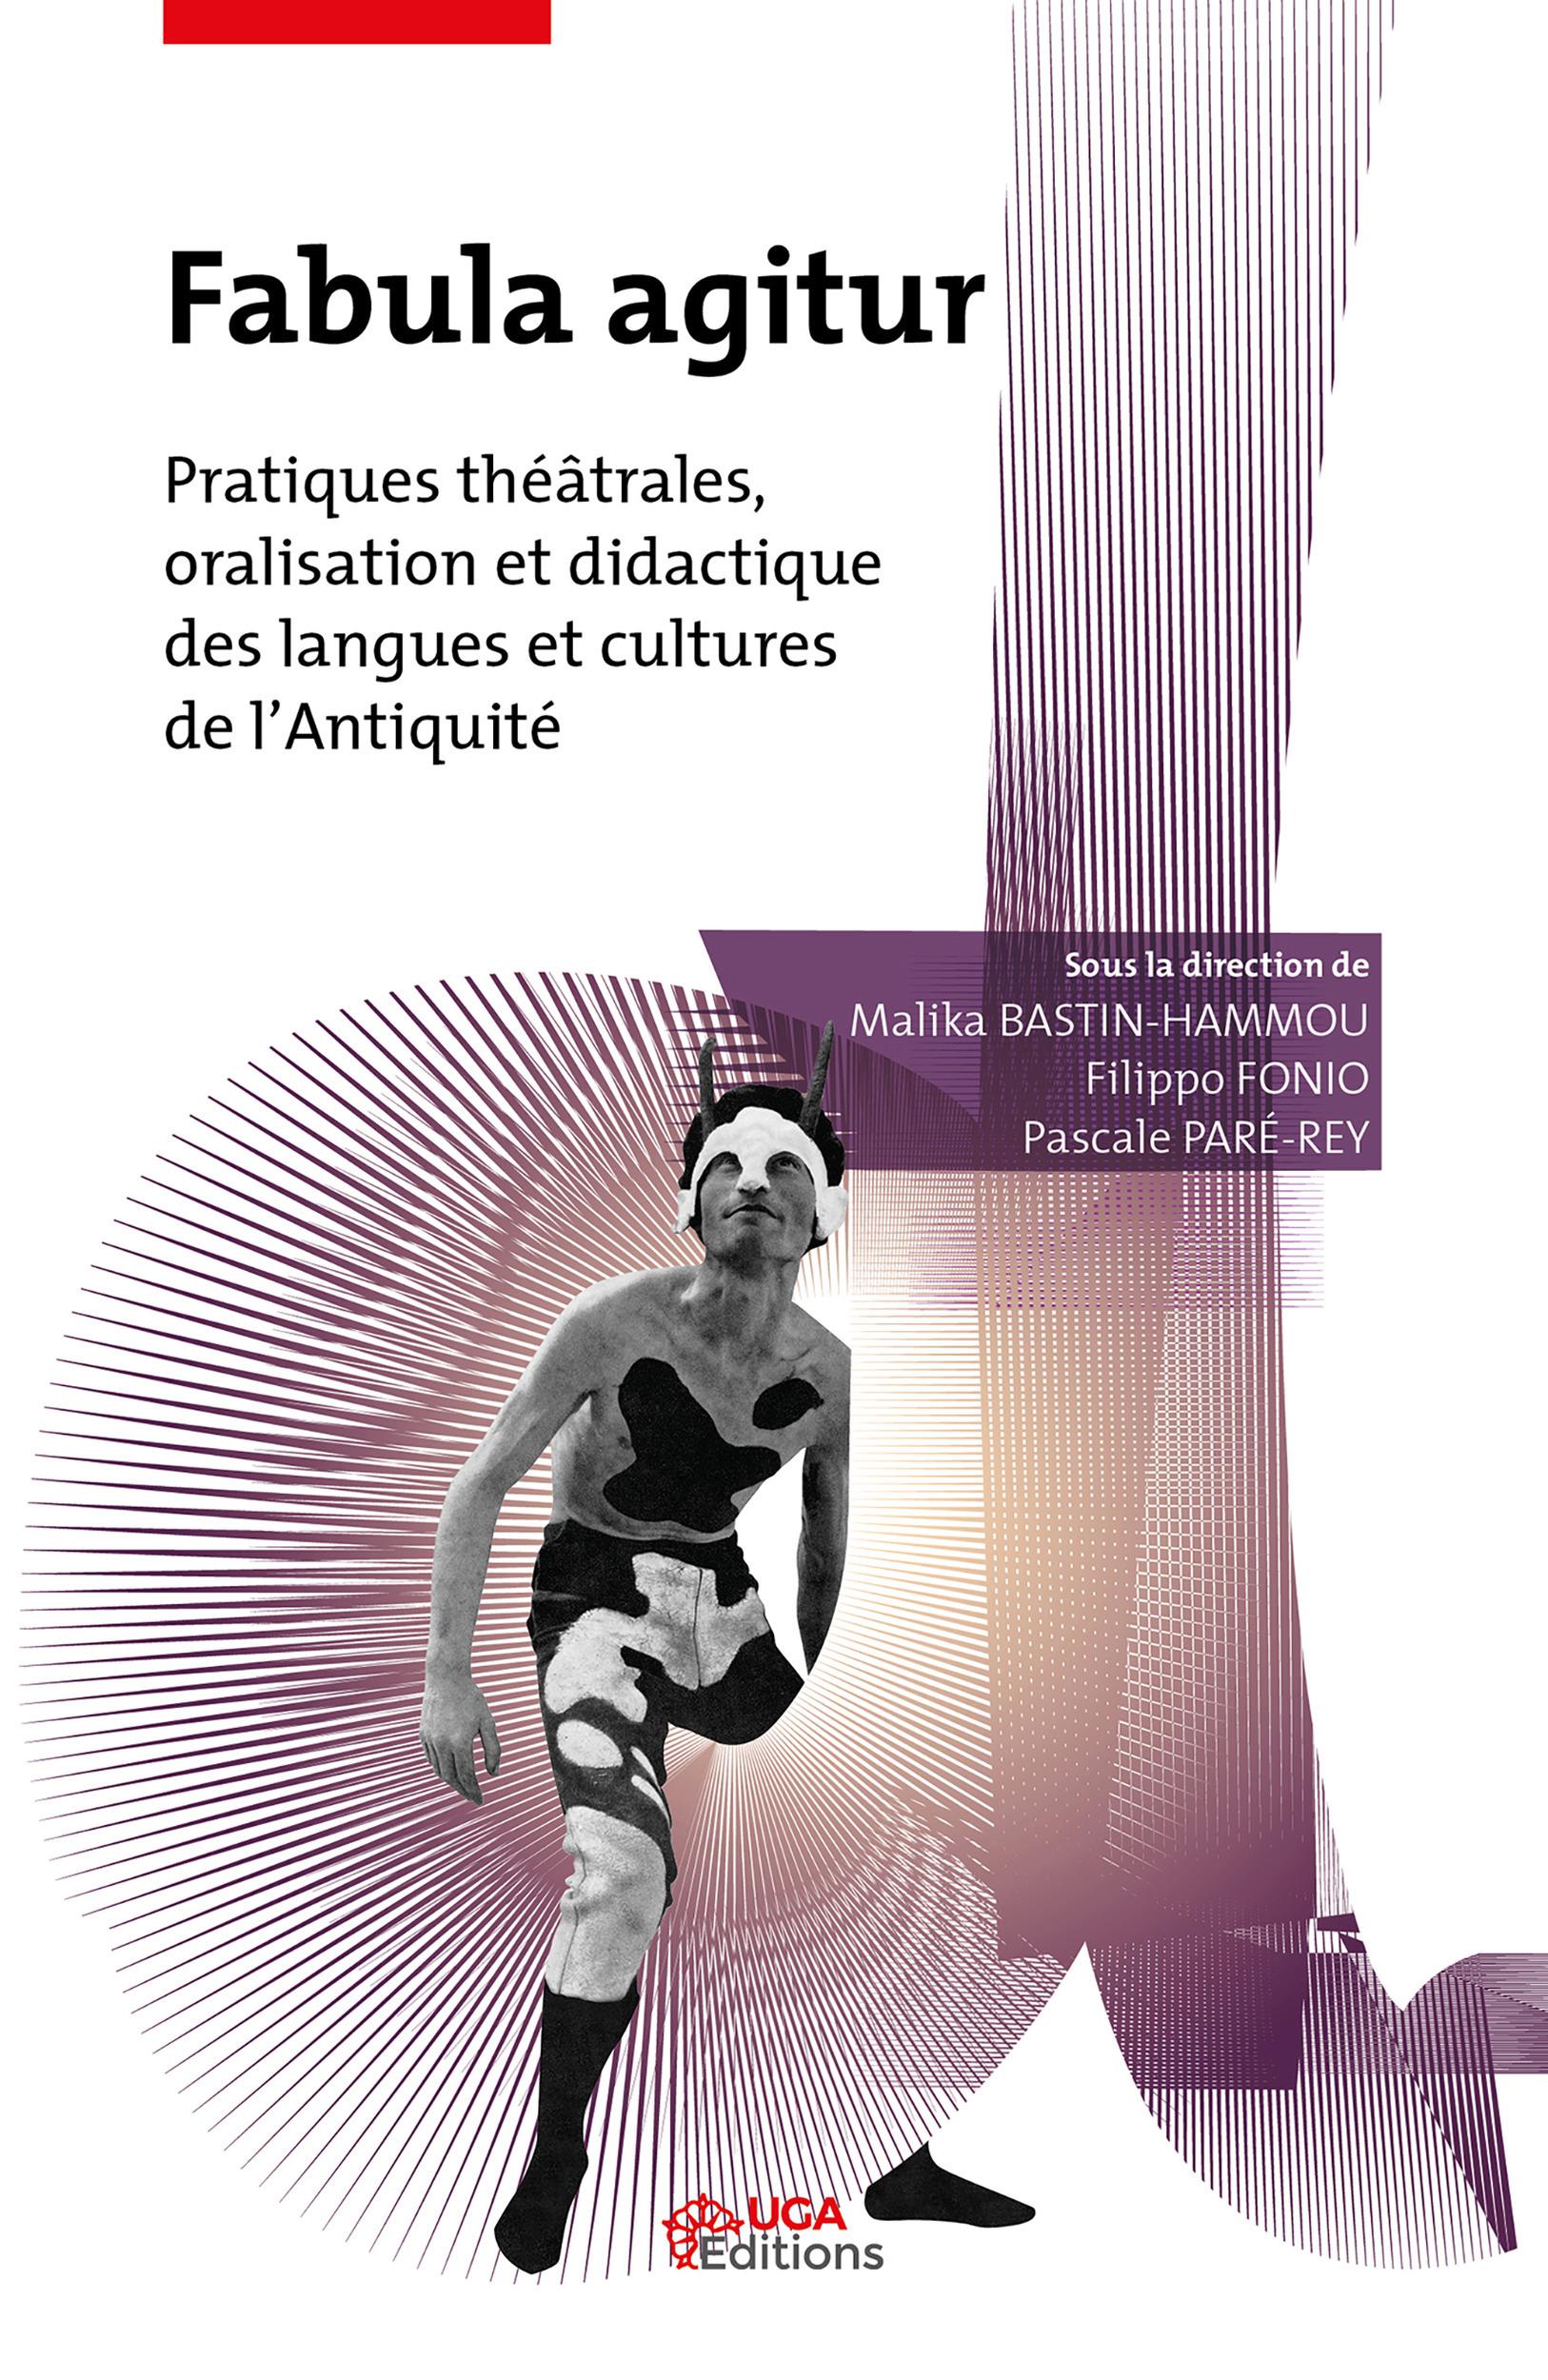 Fabula agitur - pratiques theatrales, oralisation et didactique des langues